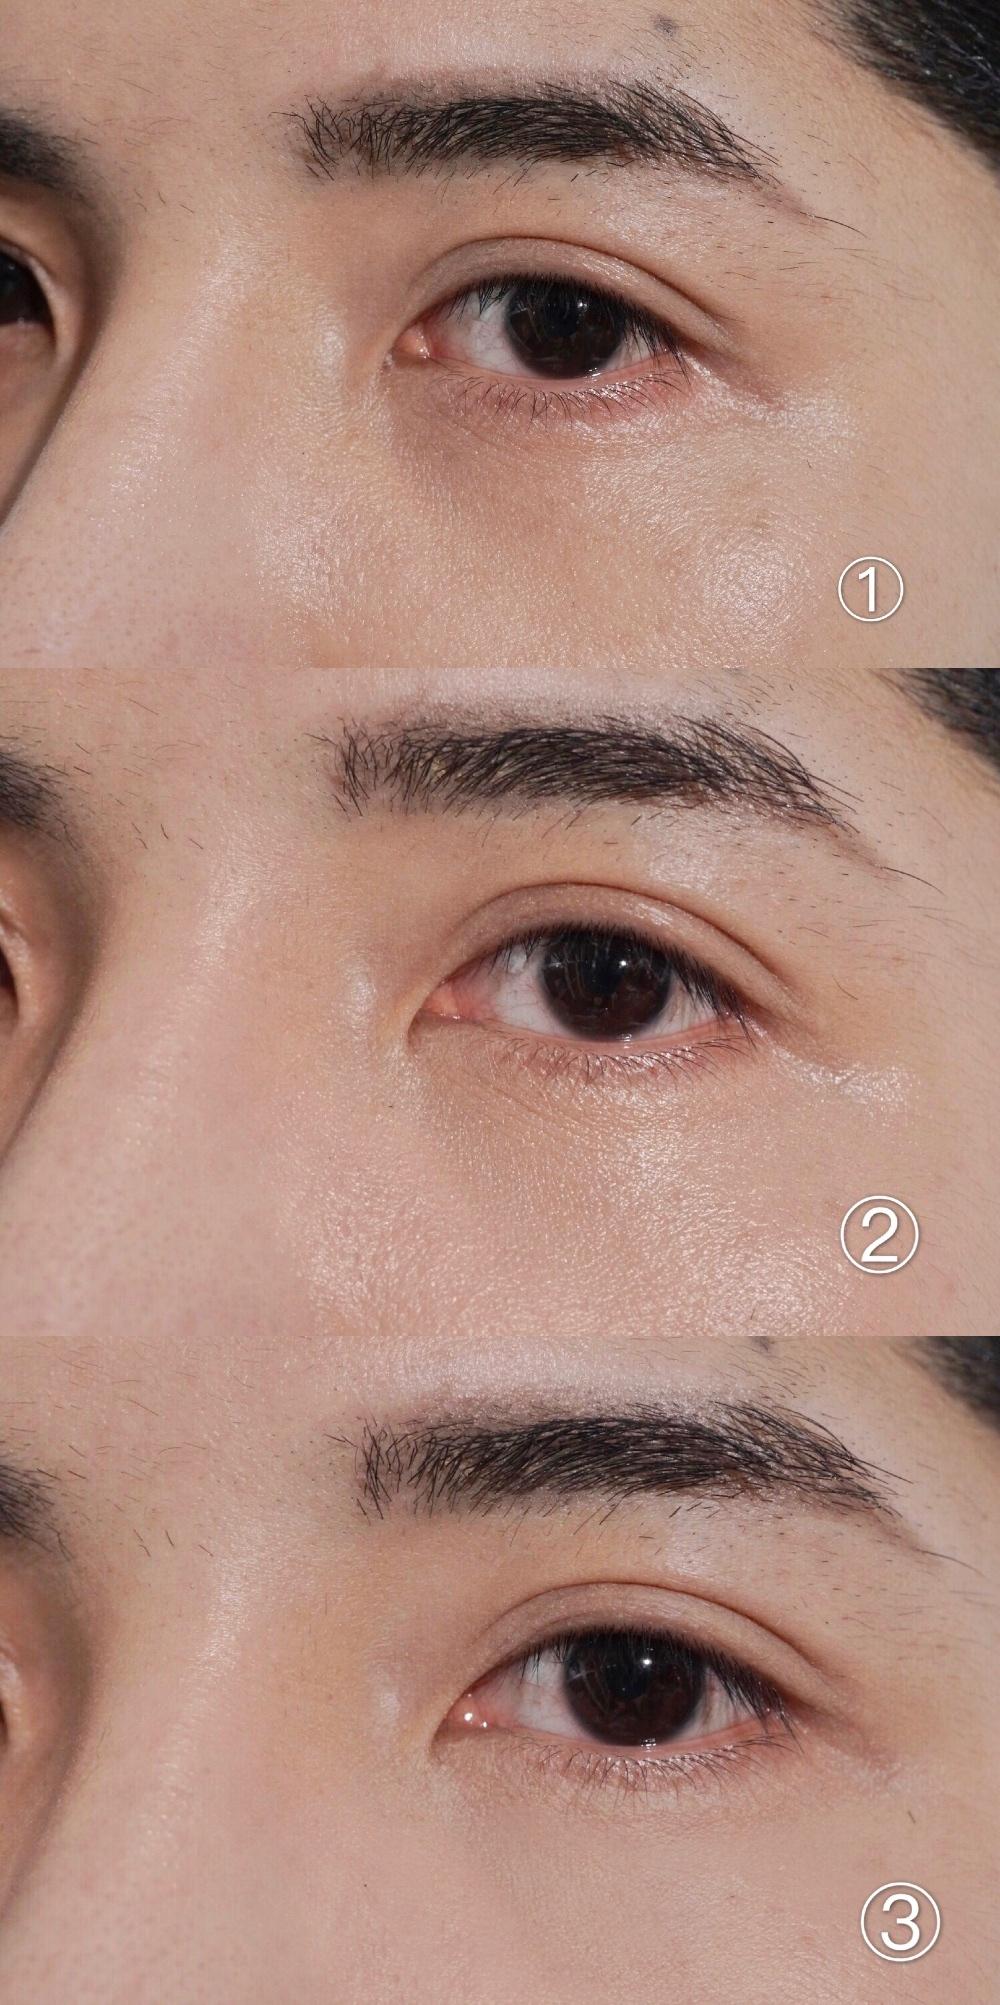 遮盖泪沟型黑眼圈